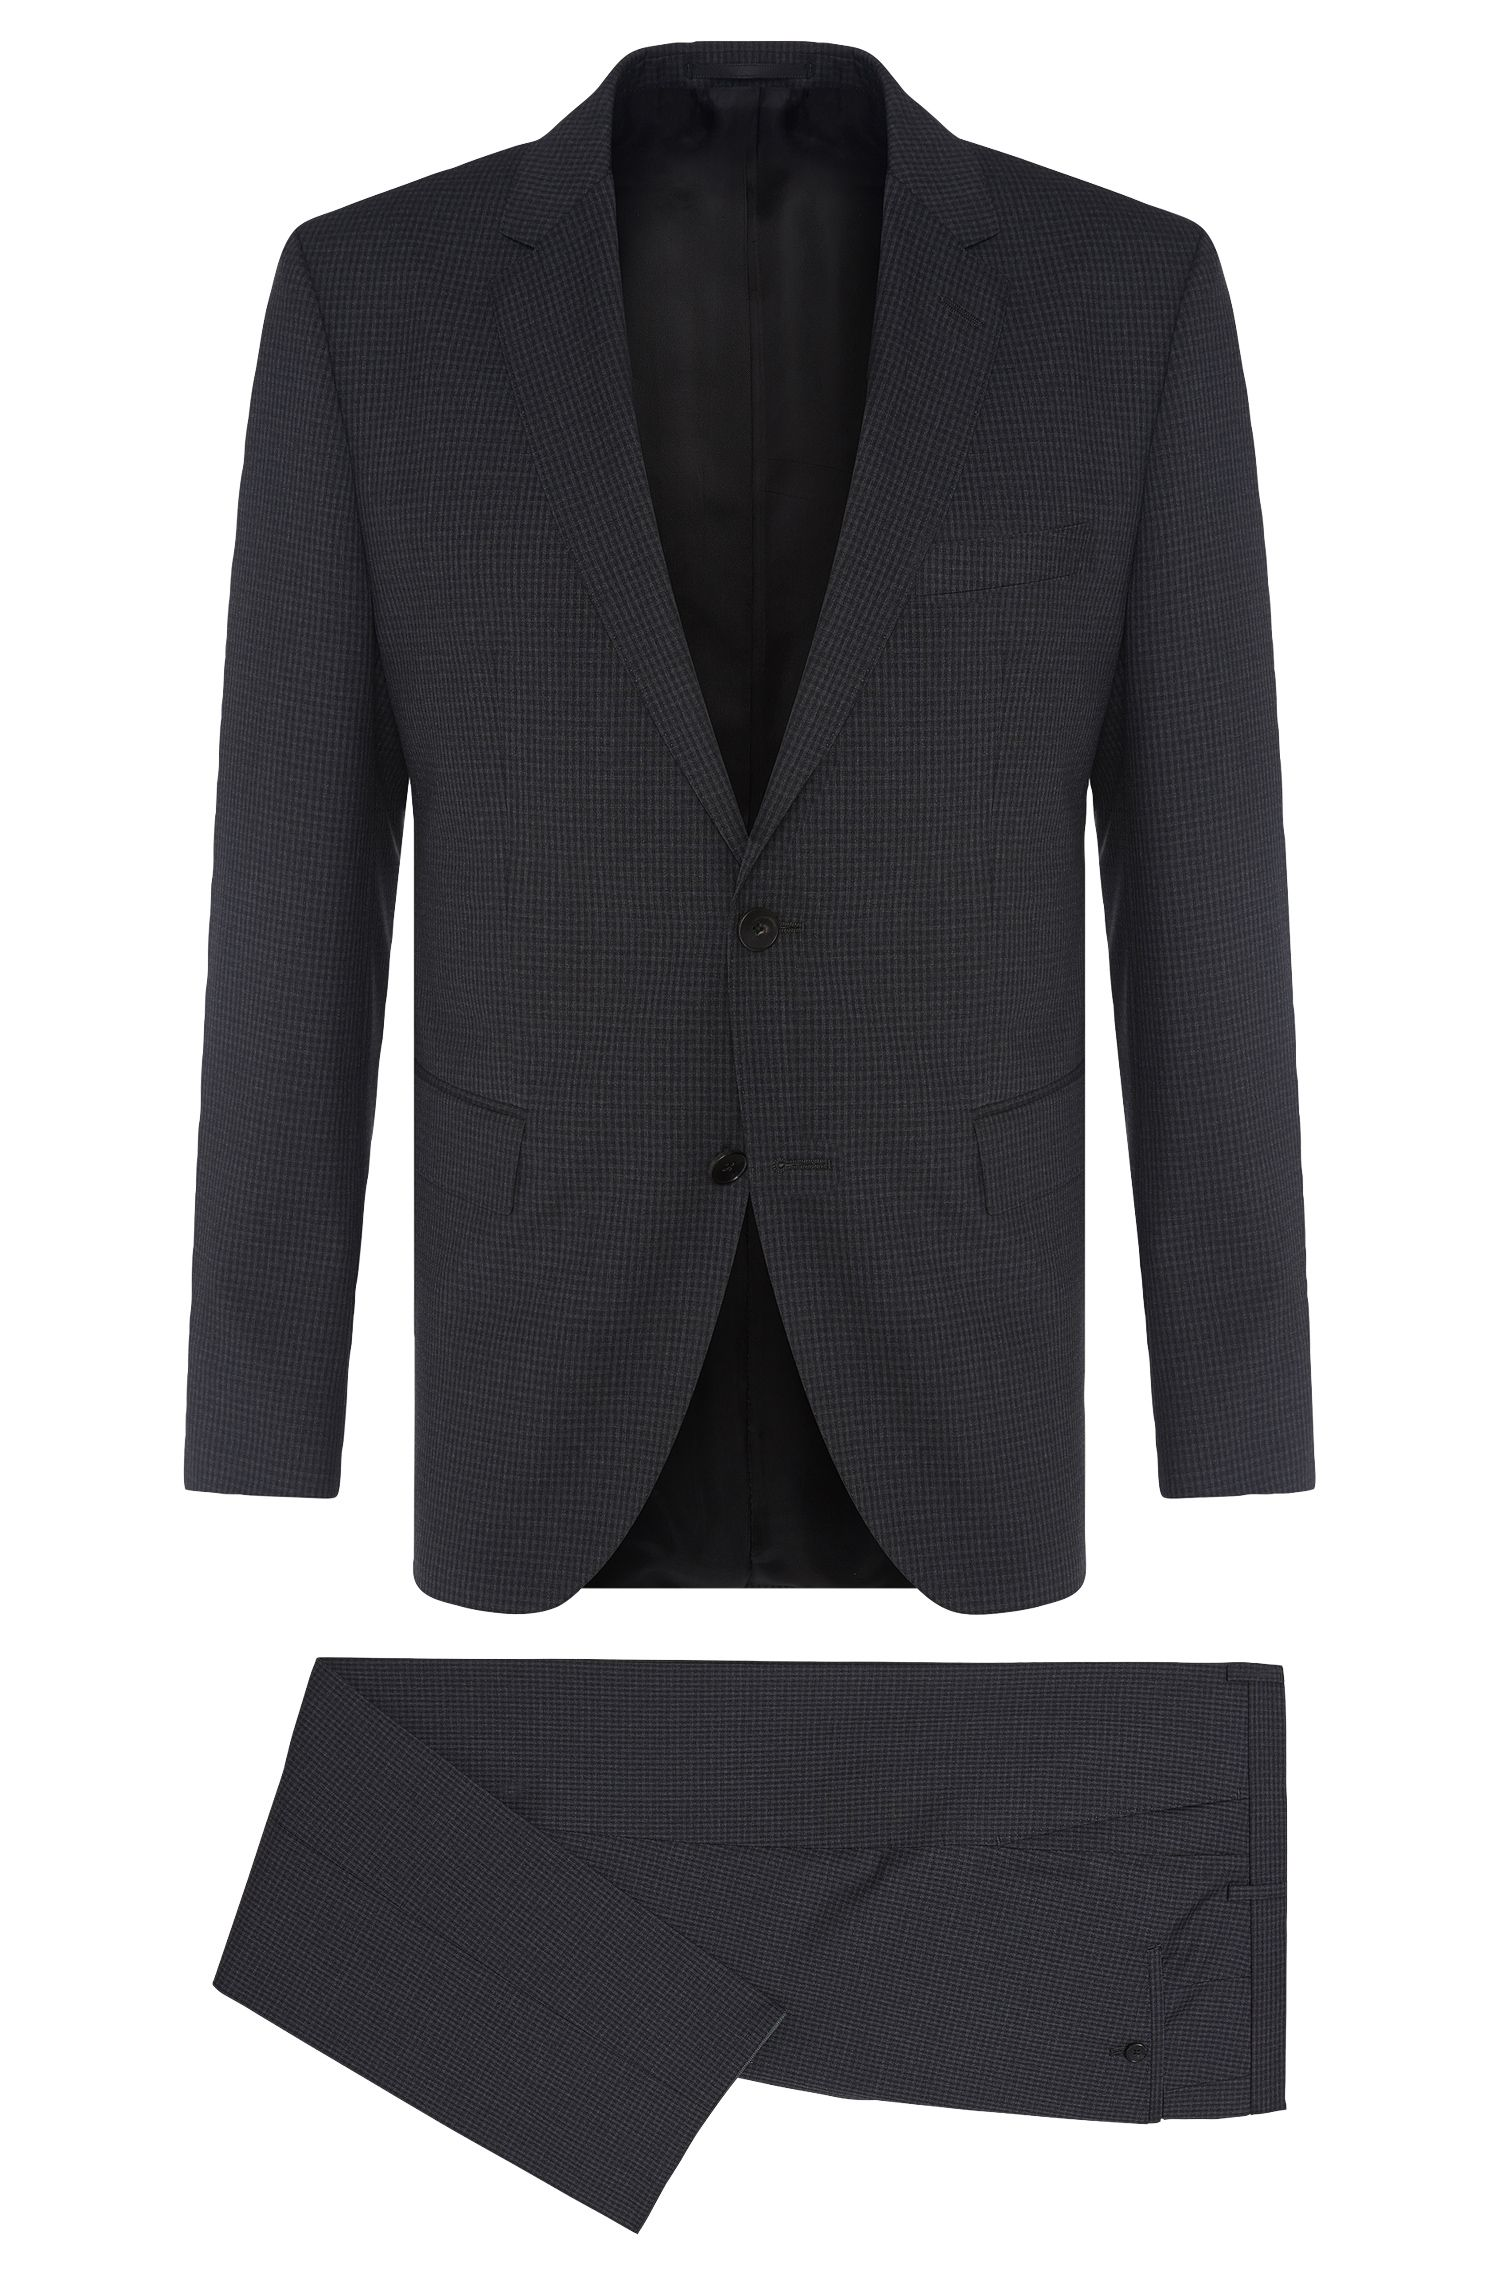 'Johnstons/Lenon' | Regular Fit, Super 110 Italian Virgin Wool Suit